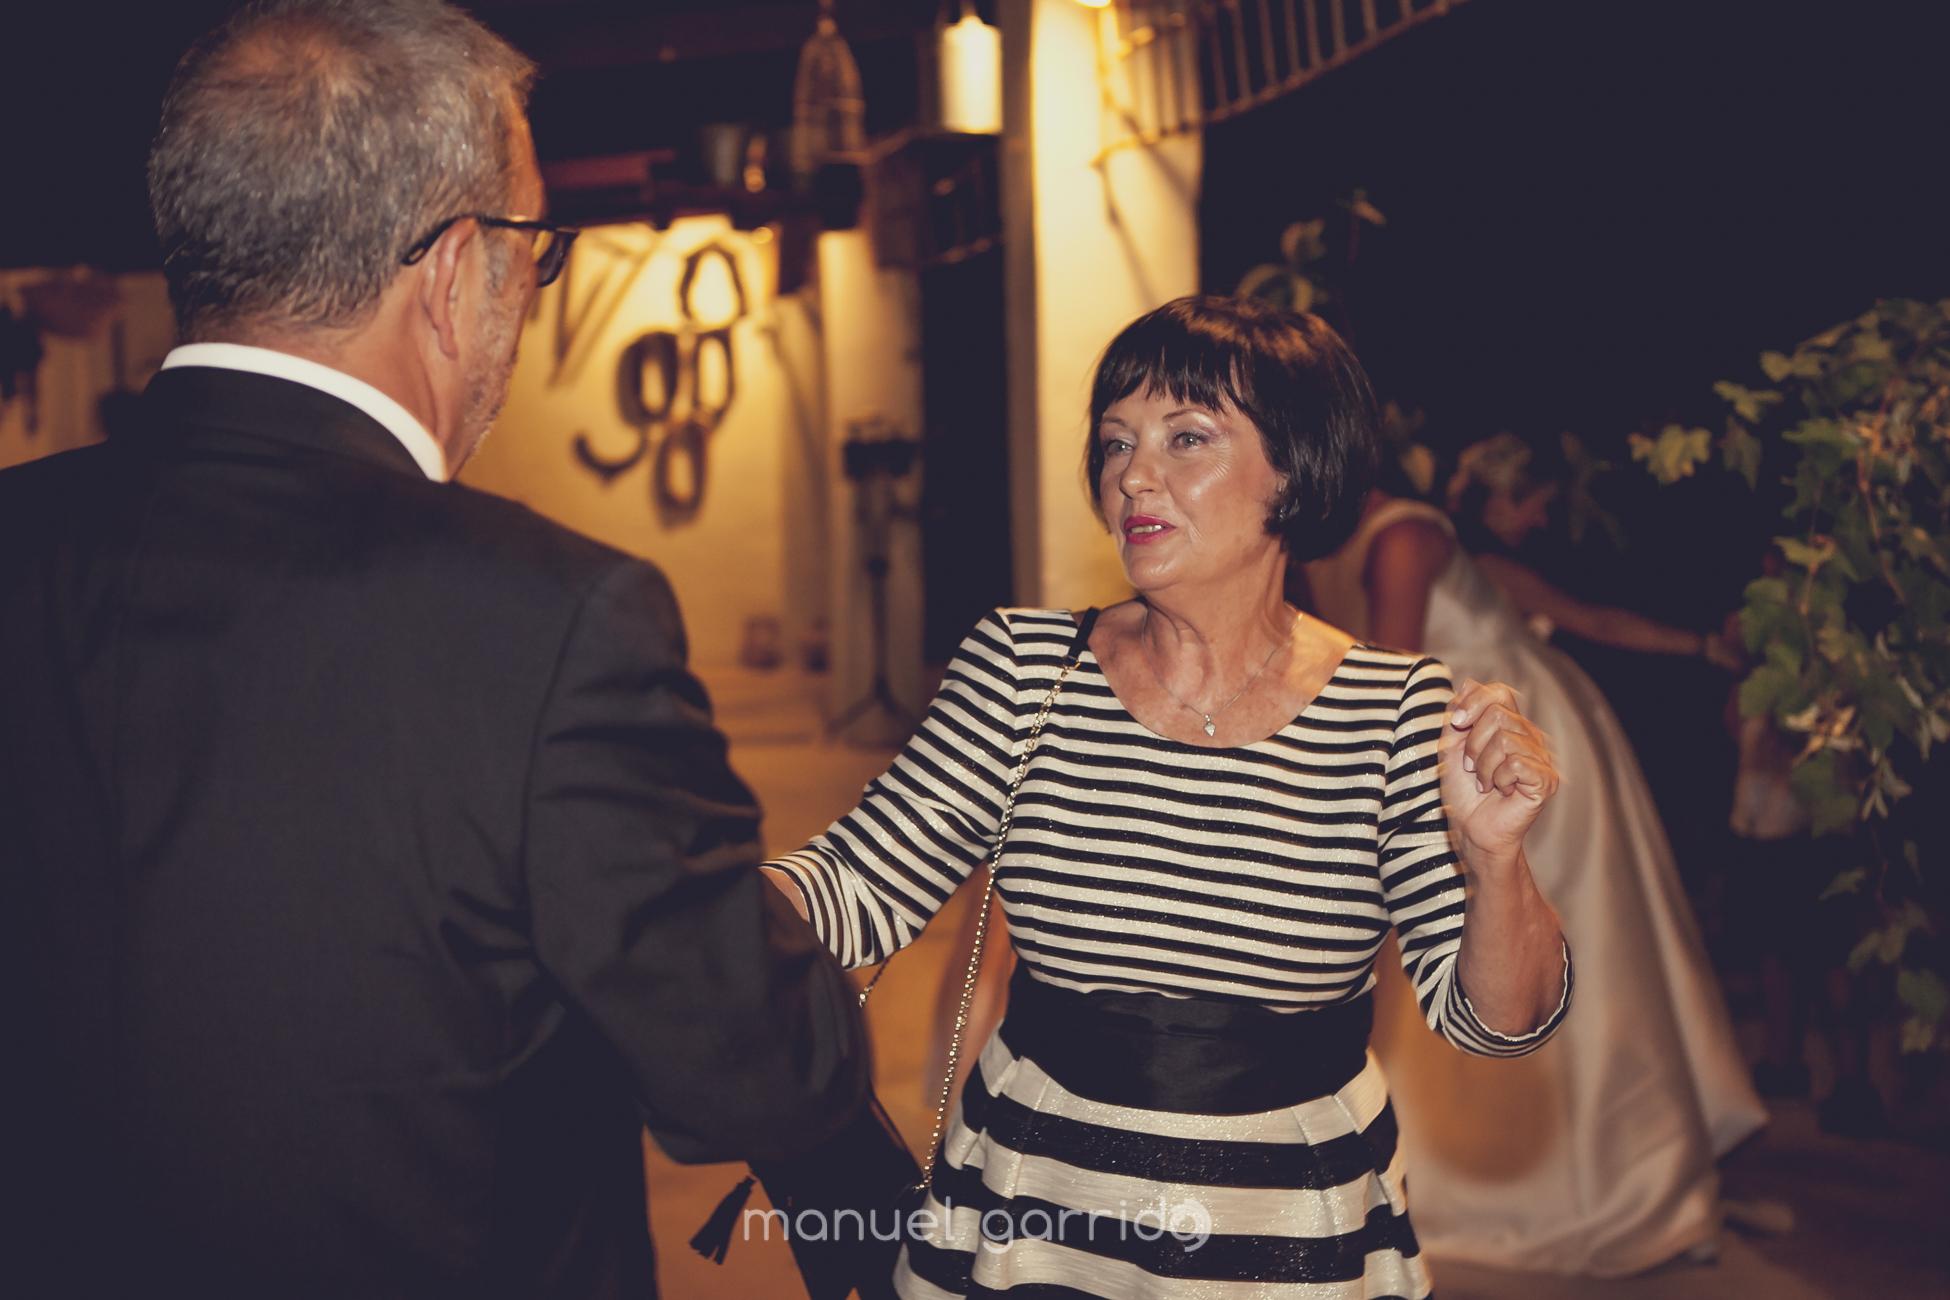 Boda_Alqueria_El_Machistre_Valencia-Manuel_Garrido-Carlos_y_Celia-141